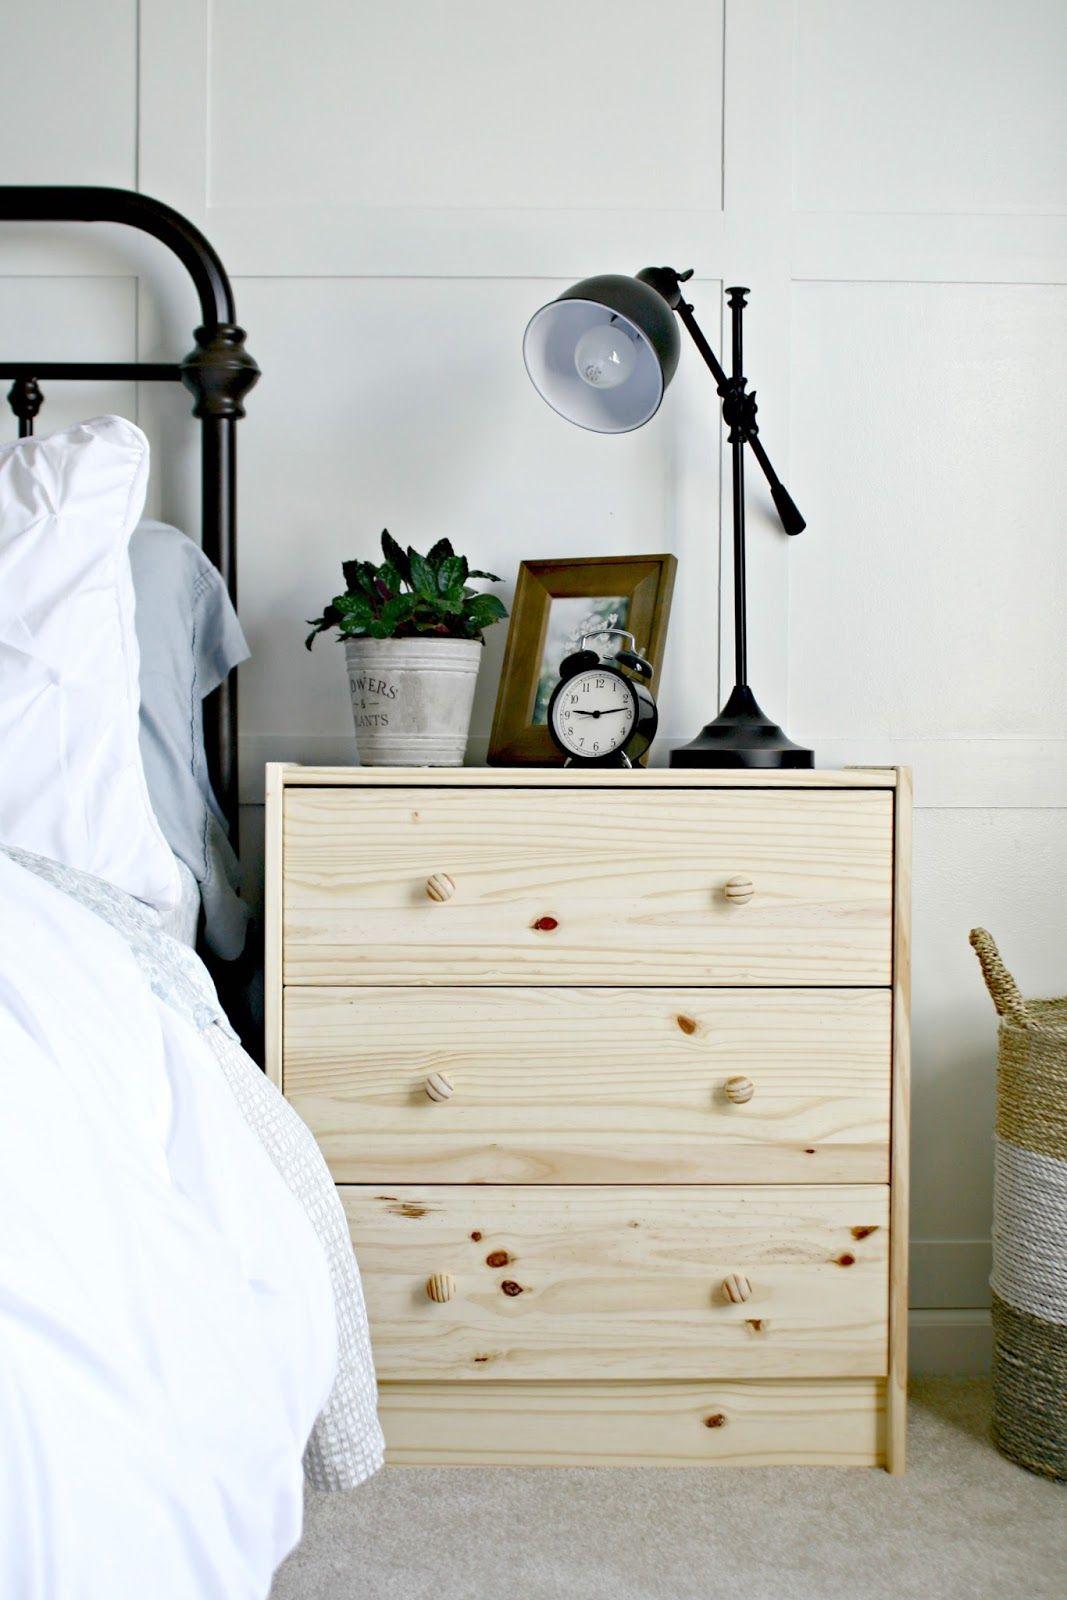 ikea dresser hacks as nightstands